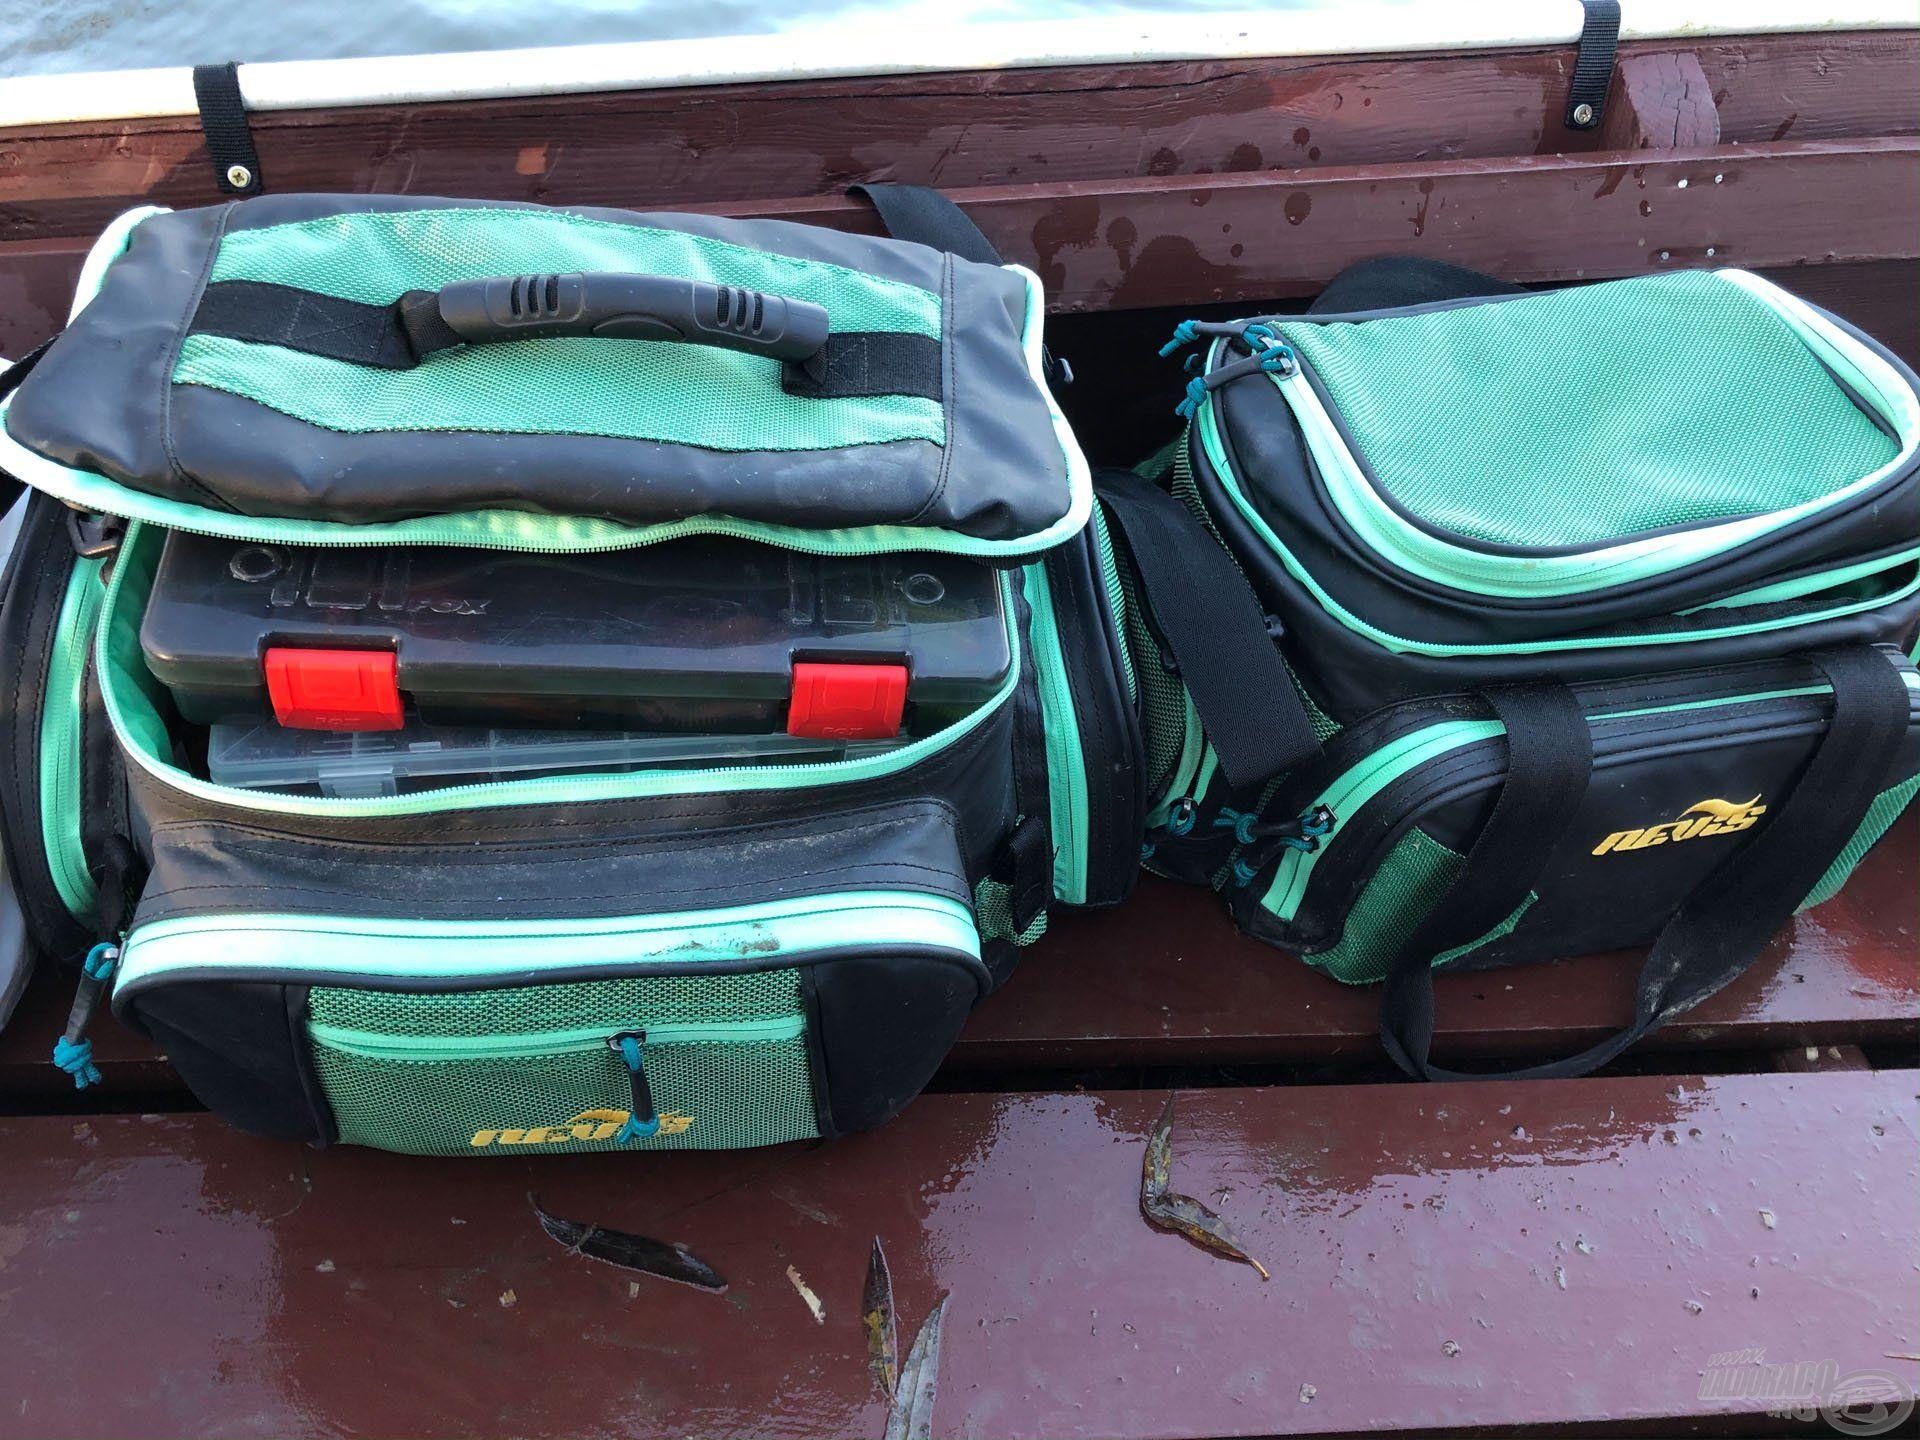 Év végére elkényelmesedve 2 Nevis pergető táska és jó napot…